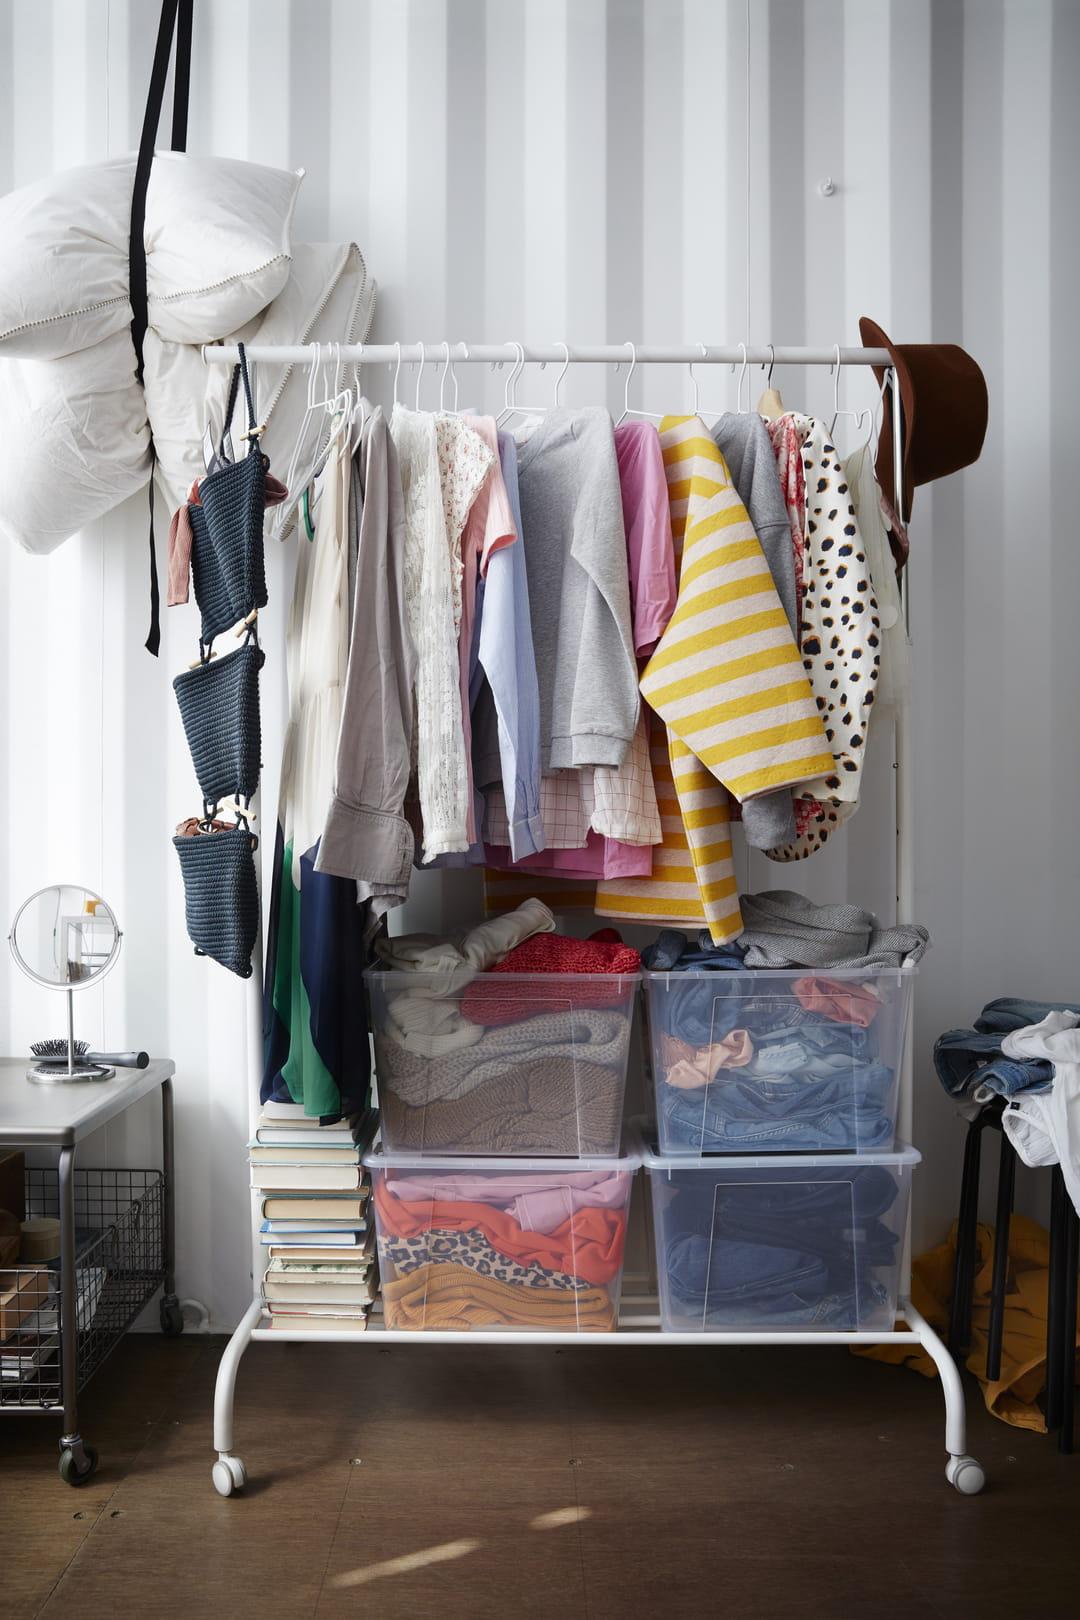 Pour Accrocher Les Vetements comment ranger ses vêtements d'hiver au printemps (et